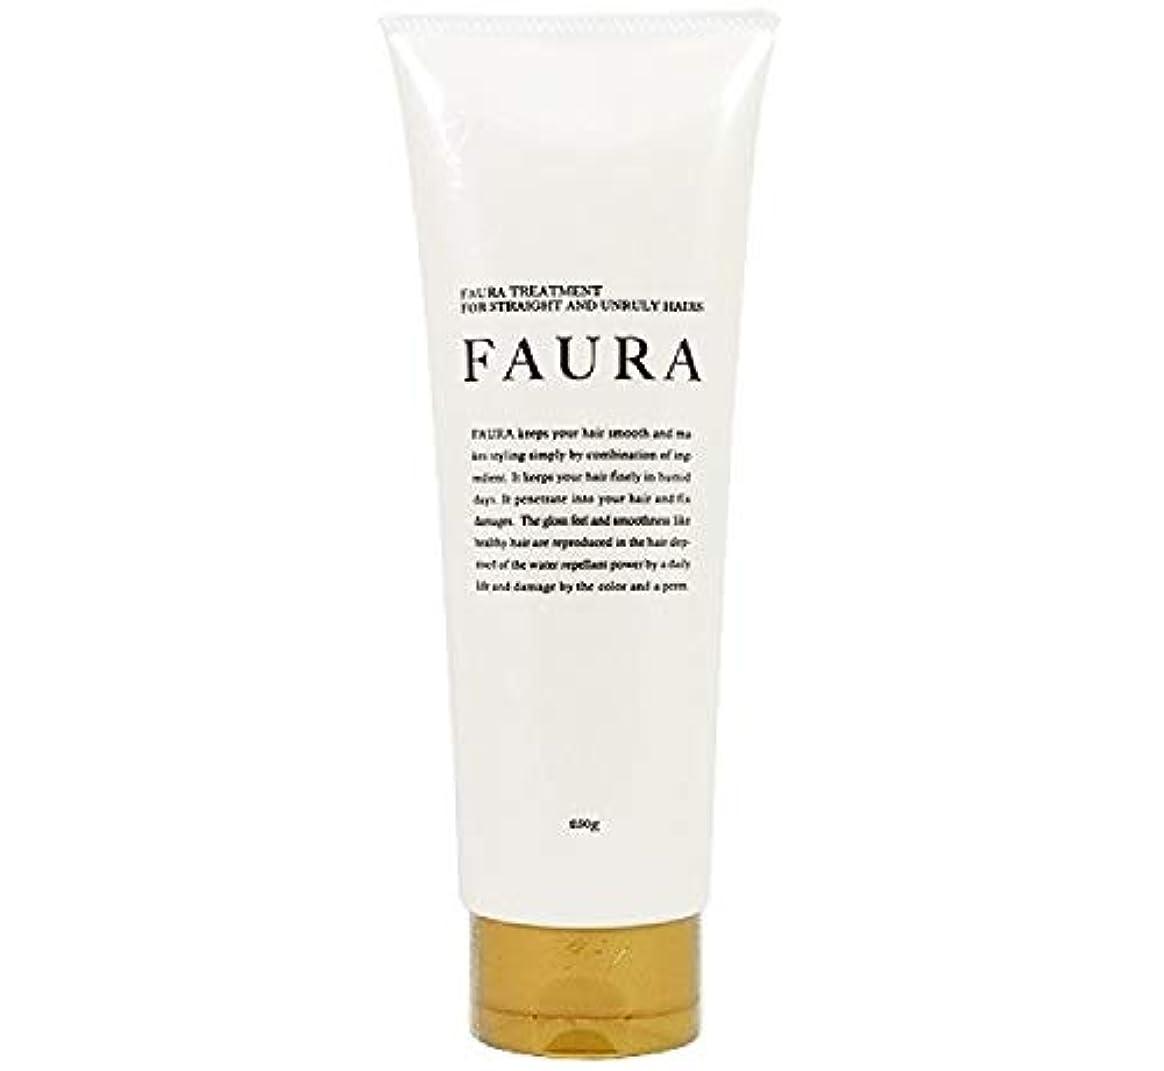 文化フィードバック独創的【発売1年で3万本の売上】FAURA ファウラ ヘアトリートメント (傷んだ髪に) 250g 【サロン専売品】